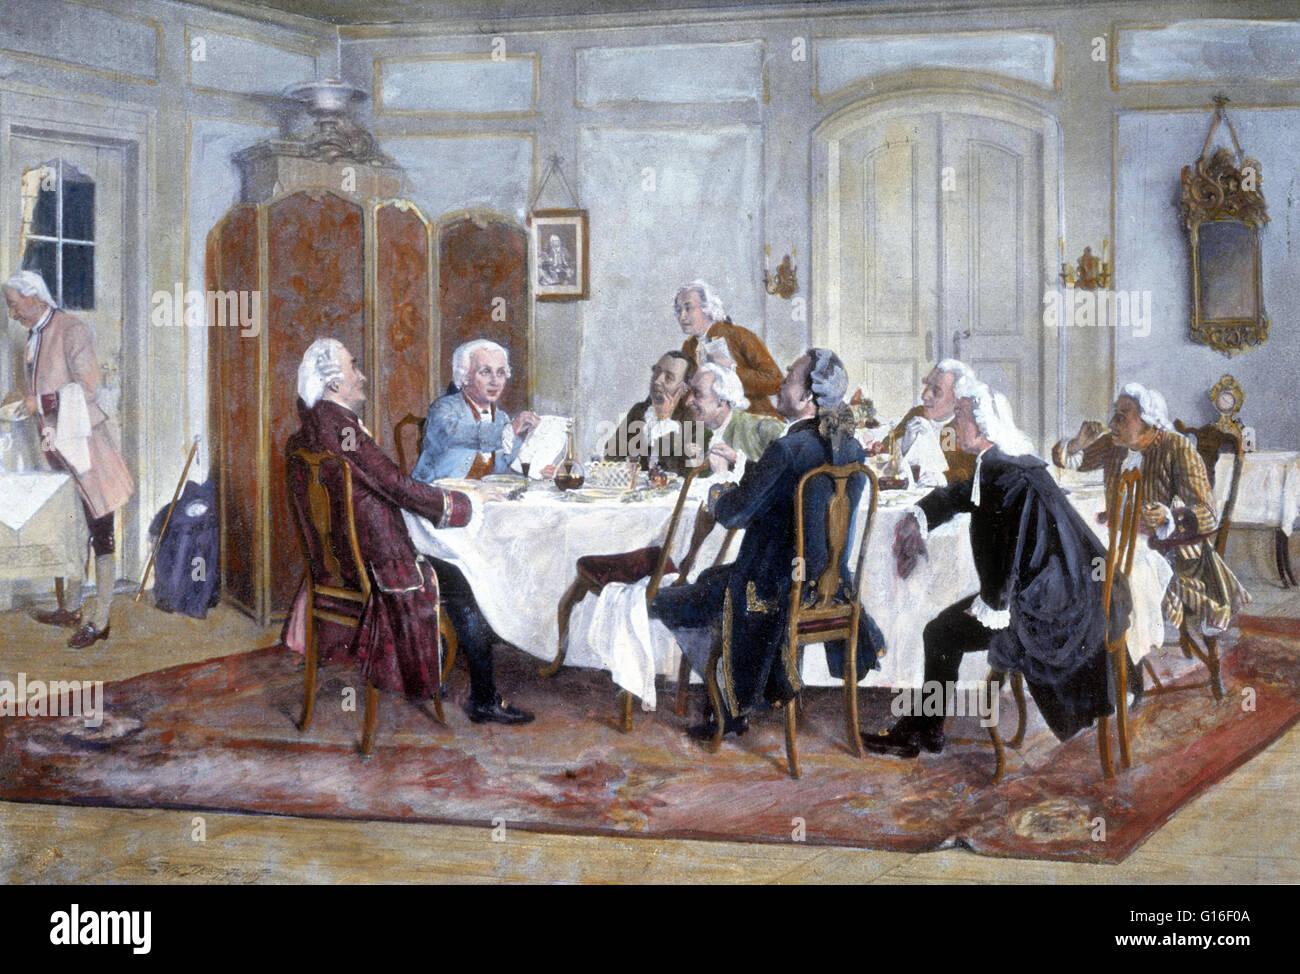 """""""Kant et ses camarades à la table' Emil Doerstling, 1900. Emmanuel Kant (Avril 22, 1724 - février Photo Stock"""